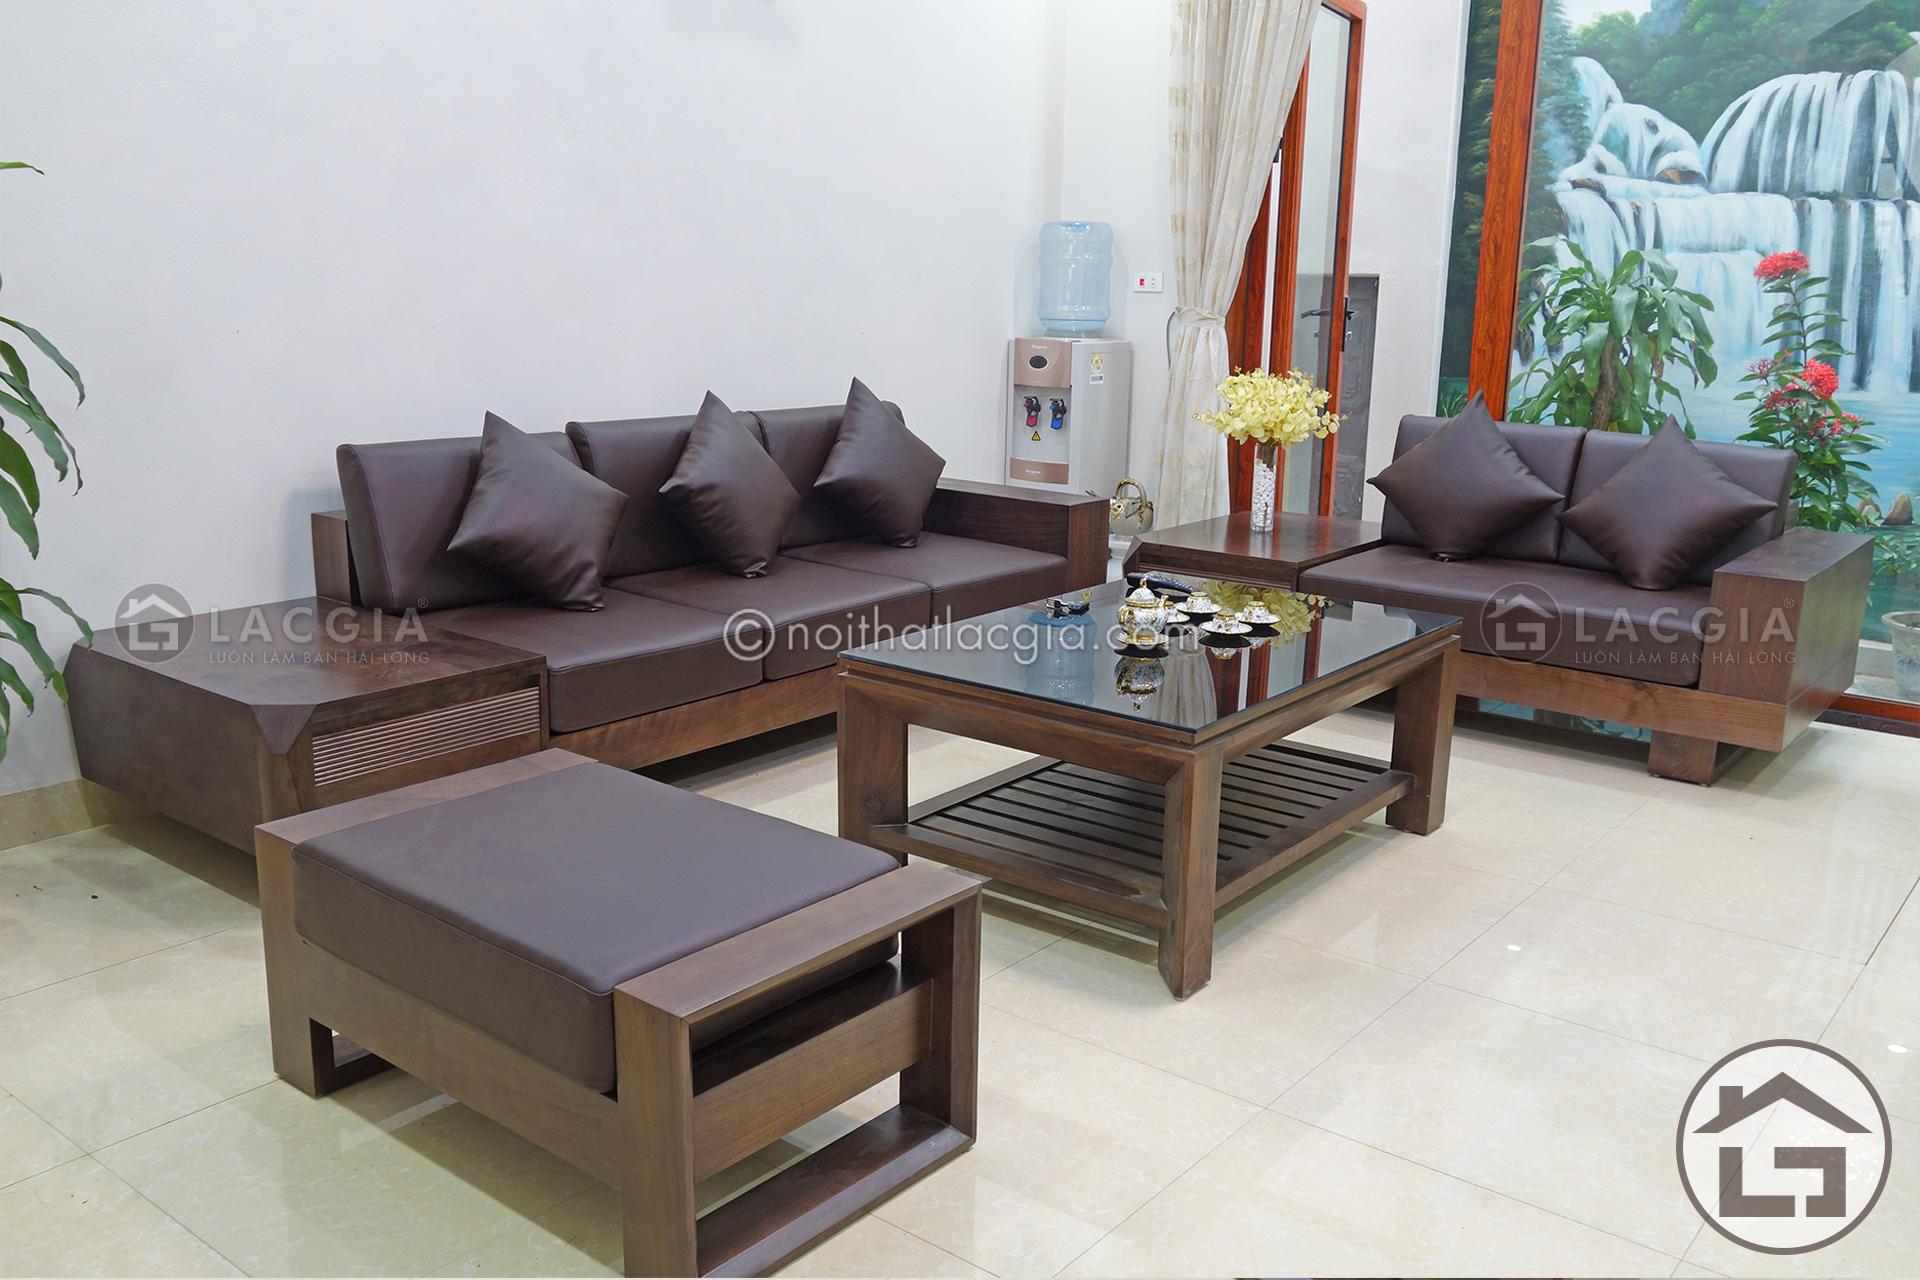 sofa-go-cho-khong-gian-phong-khach-dep-SF12-41.jpg